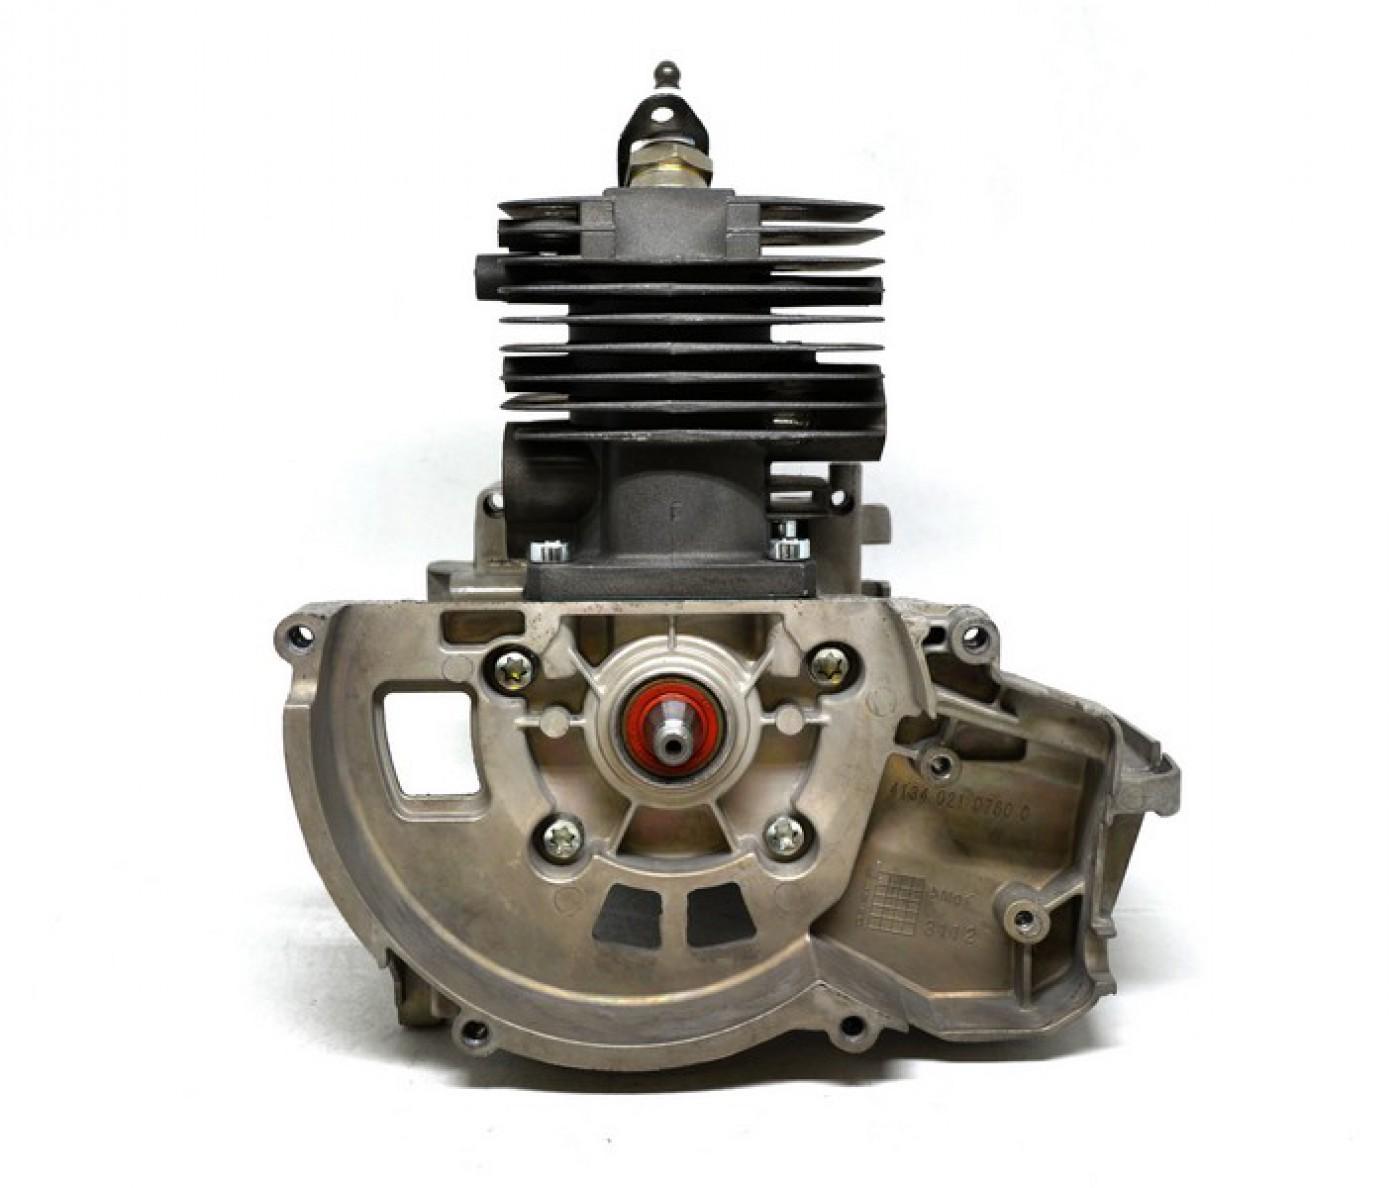 Motor Stihl FS200 AKCE!!!